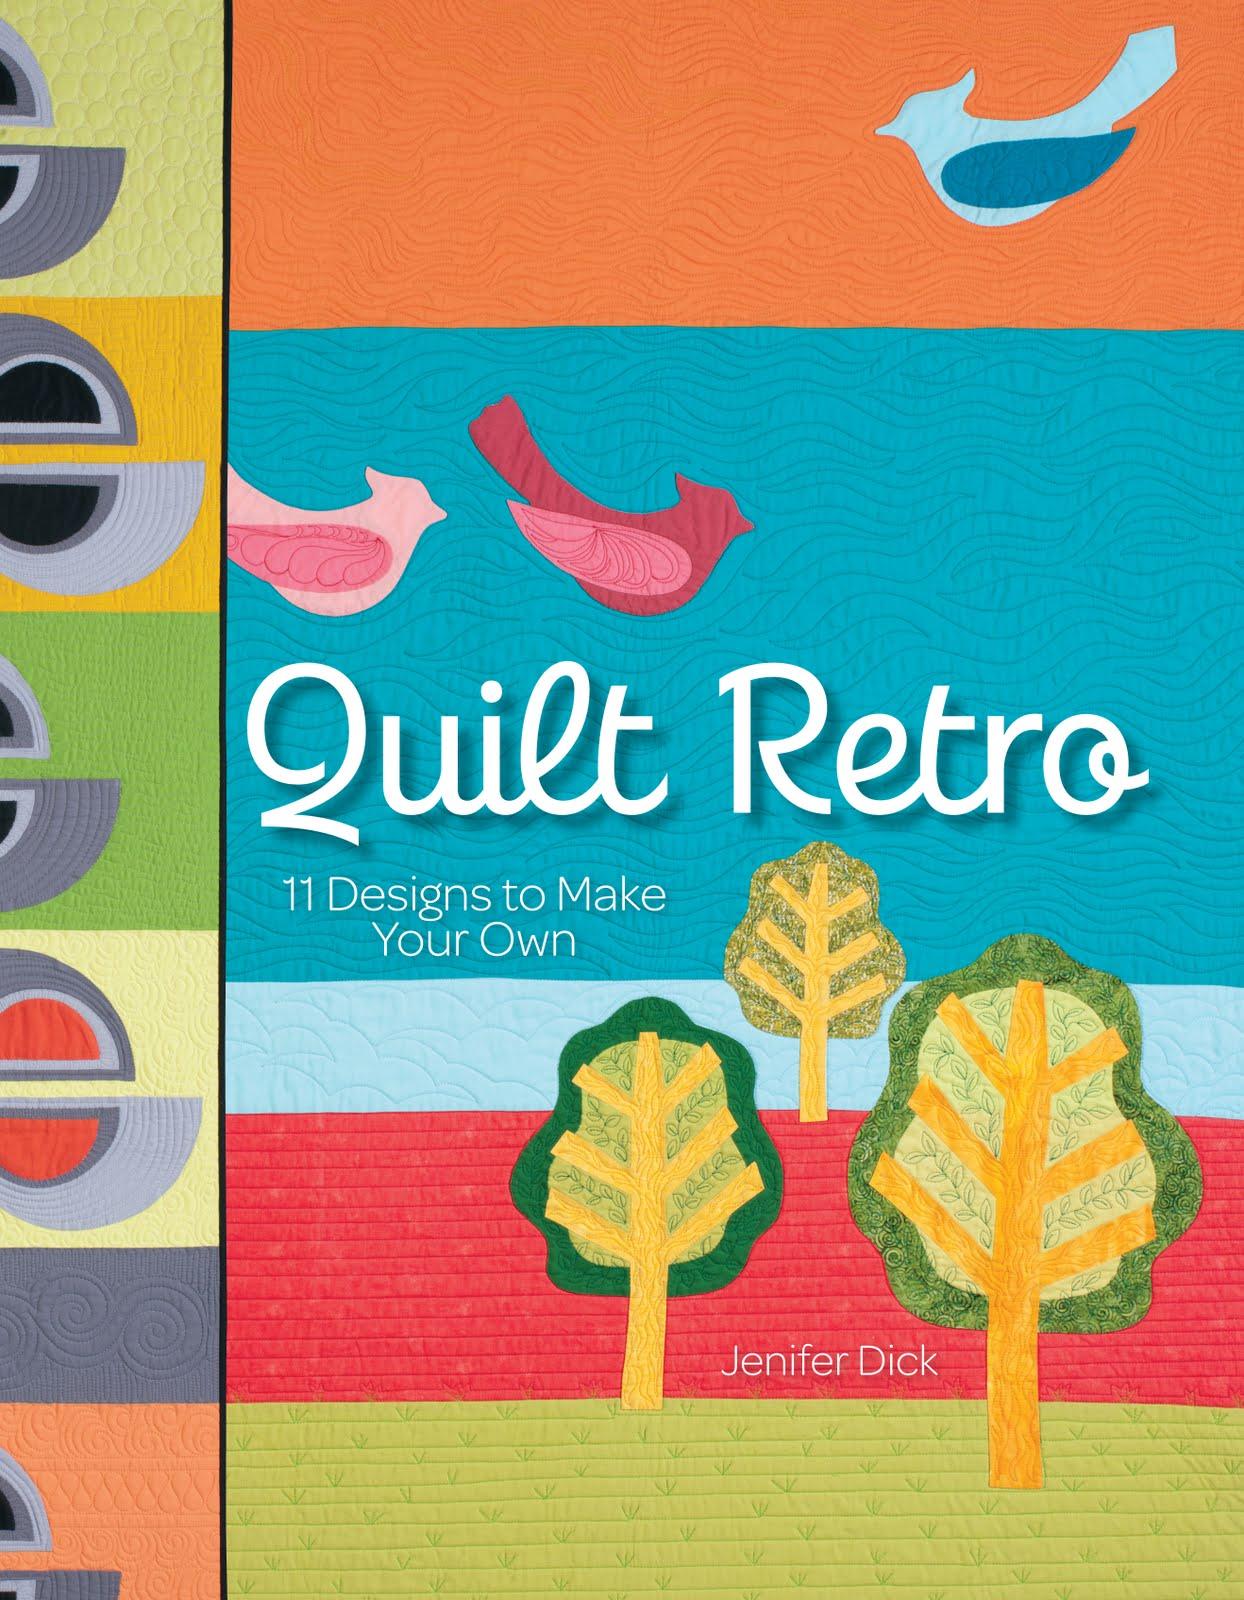 The Kansas City Modern Quilt Guild: August 2011 : retro quilts - Adamdwight.com